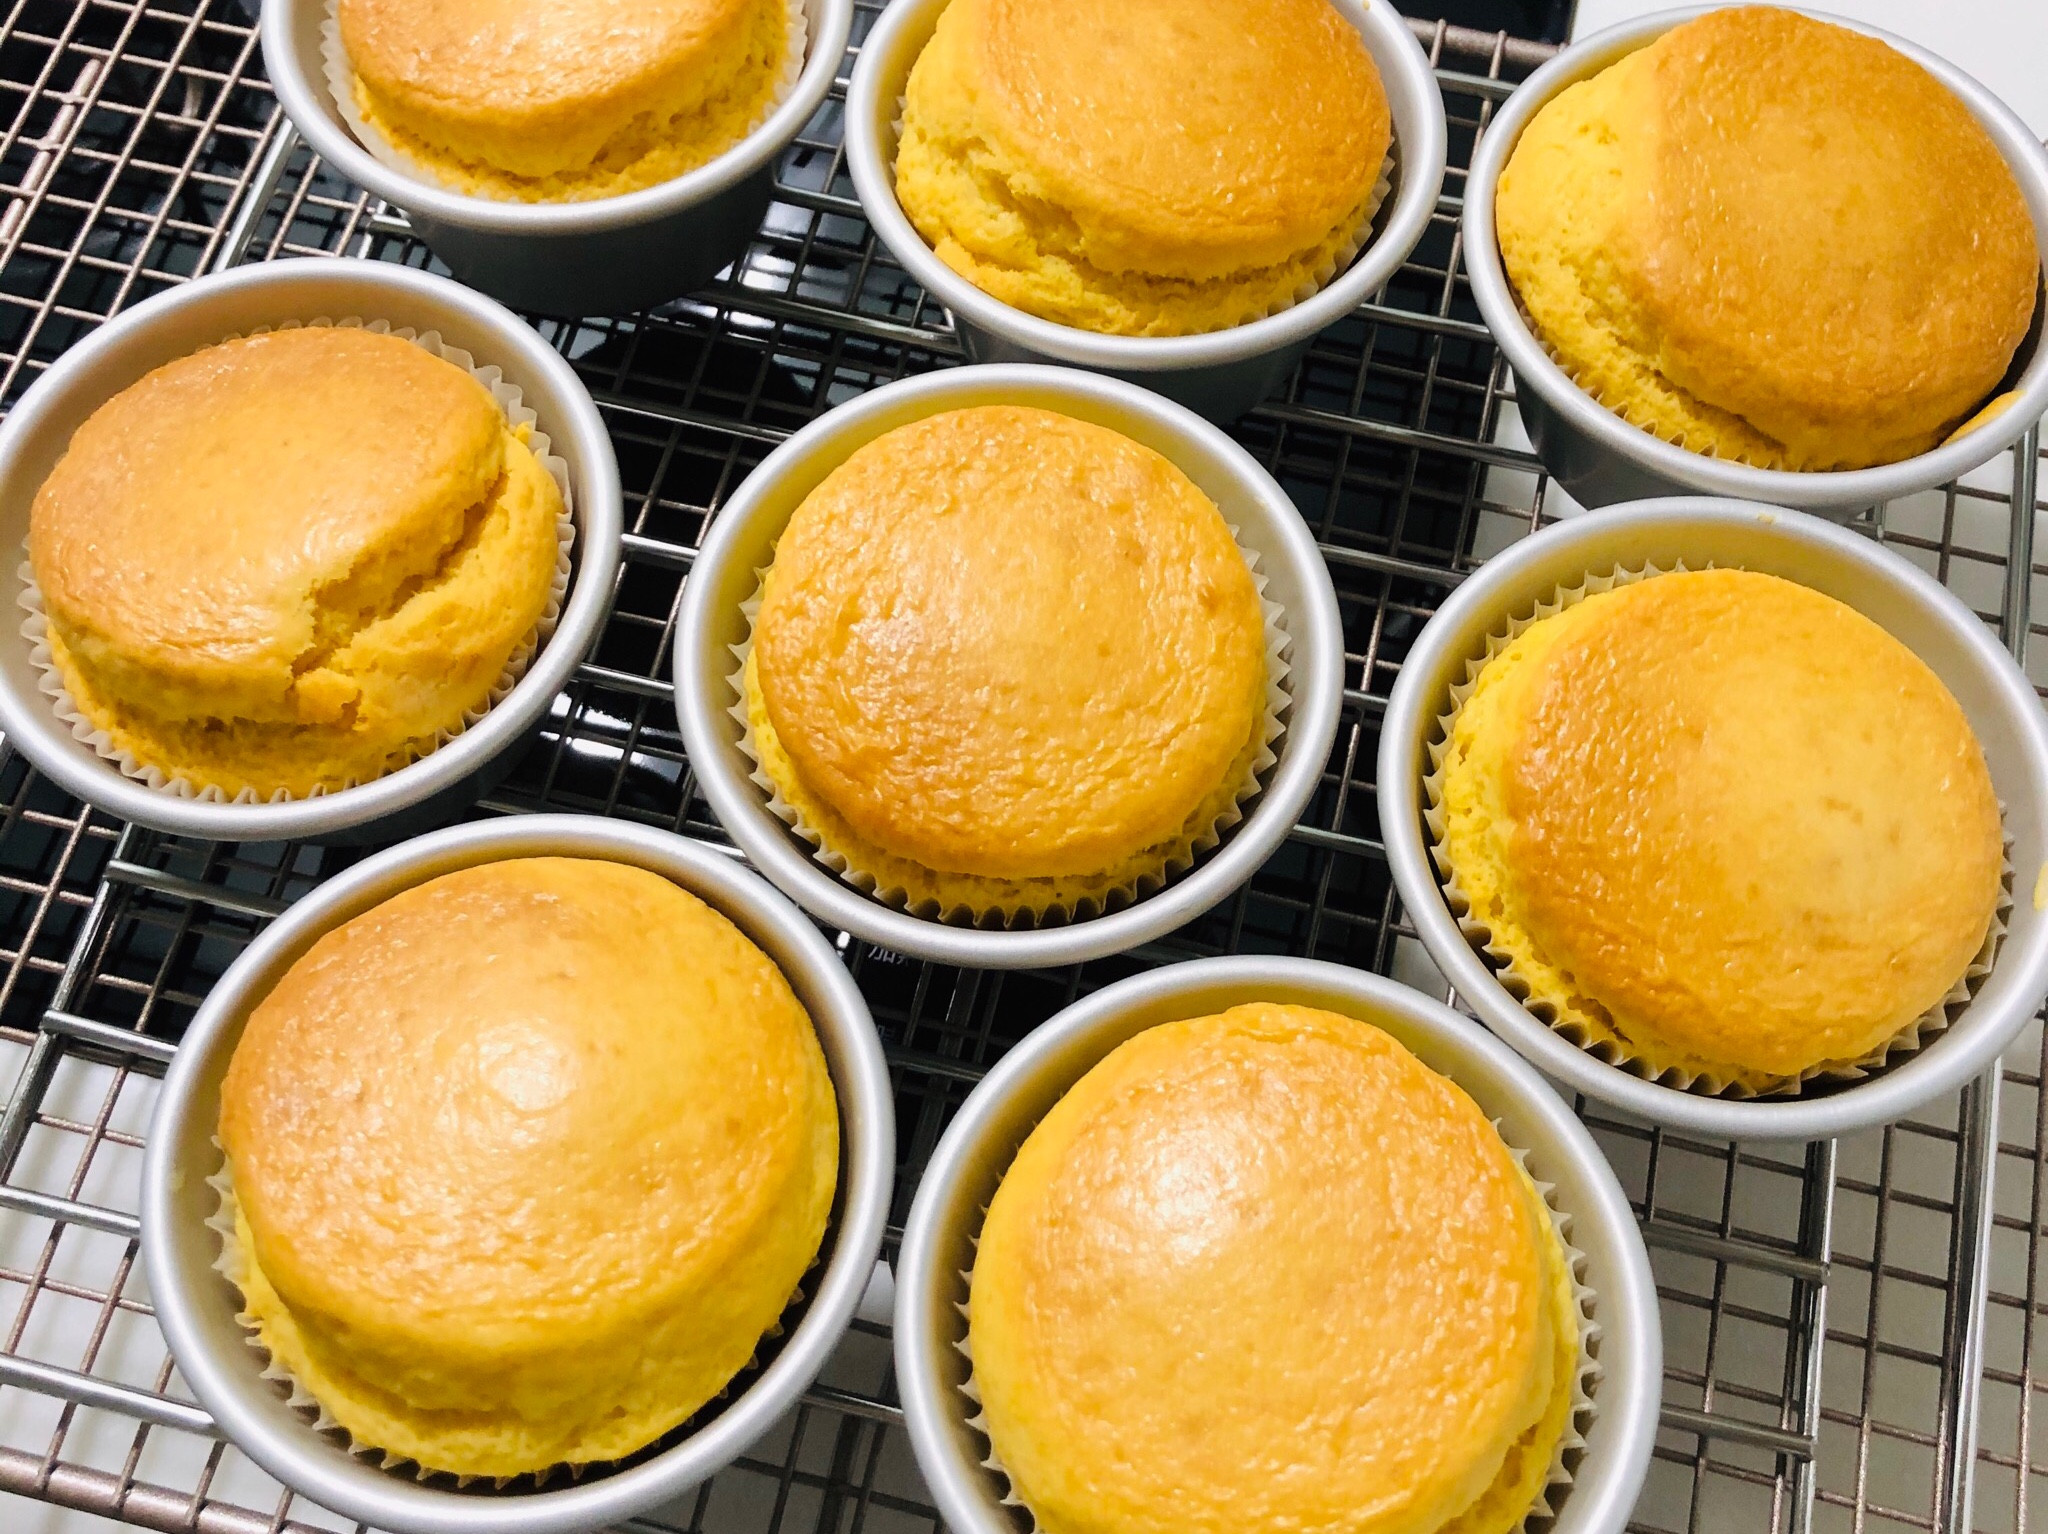 【手拿食物】鬆餅粉香草杯子蛋糕